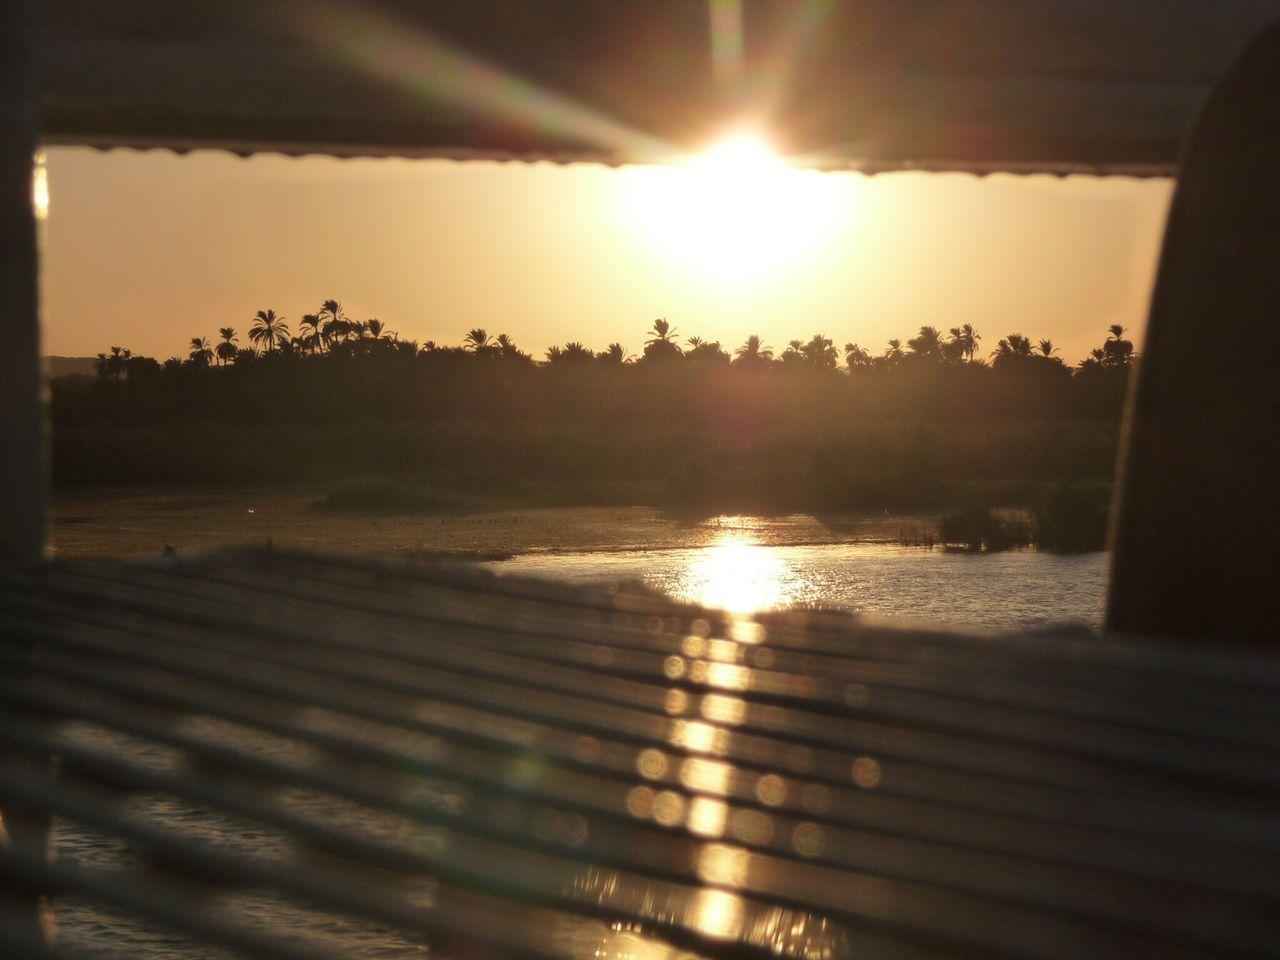 Traveling Home For The Holidays Sun Sunlight Sunset Sky Outdoors Nature Beauty In Nature Nature Coucher De Soleil Exterieur Ciel Spectaculaire Soleil Rayon De Soleil Halo Tranquility Tranquil Scene Lumineux Idyllic Idyllique Orange Color Orange Brilliant Ensoleillé Eclat De Lumiere